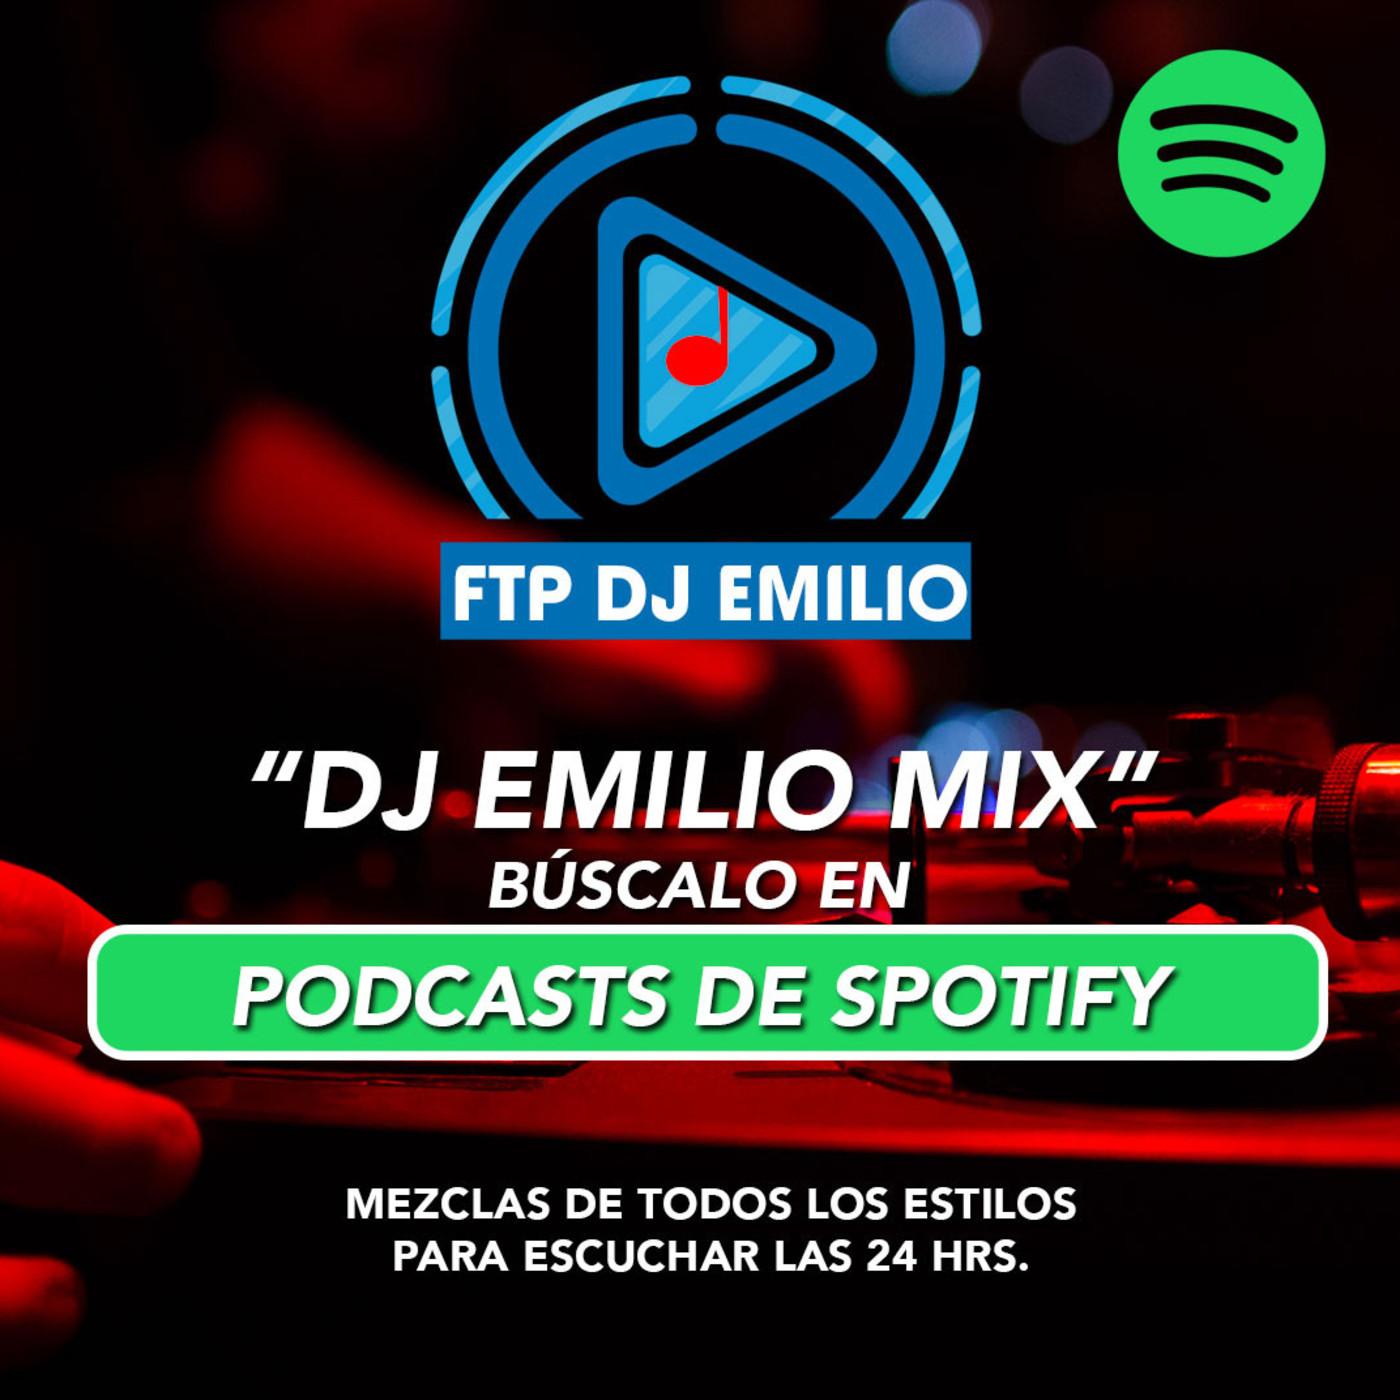 Mix eurobeat 90's Vol 10 en Dj Emilio Mix en mp3(29/07 a las 21:18